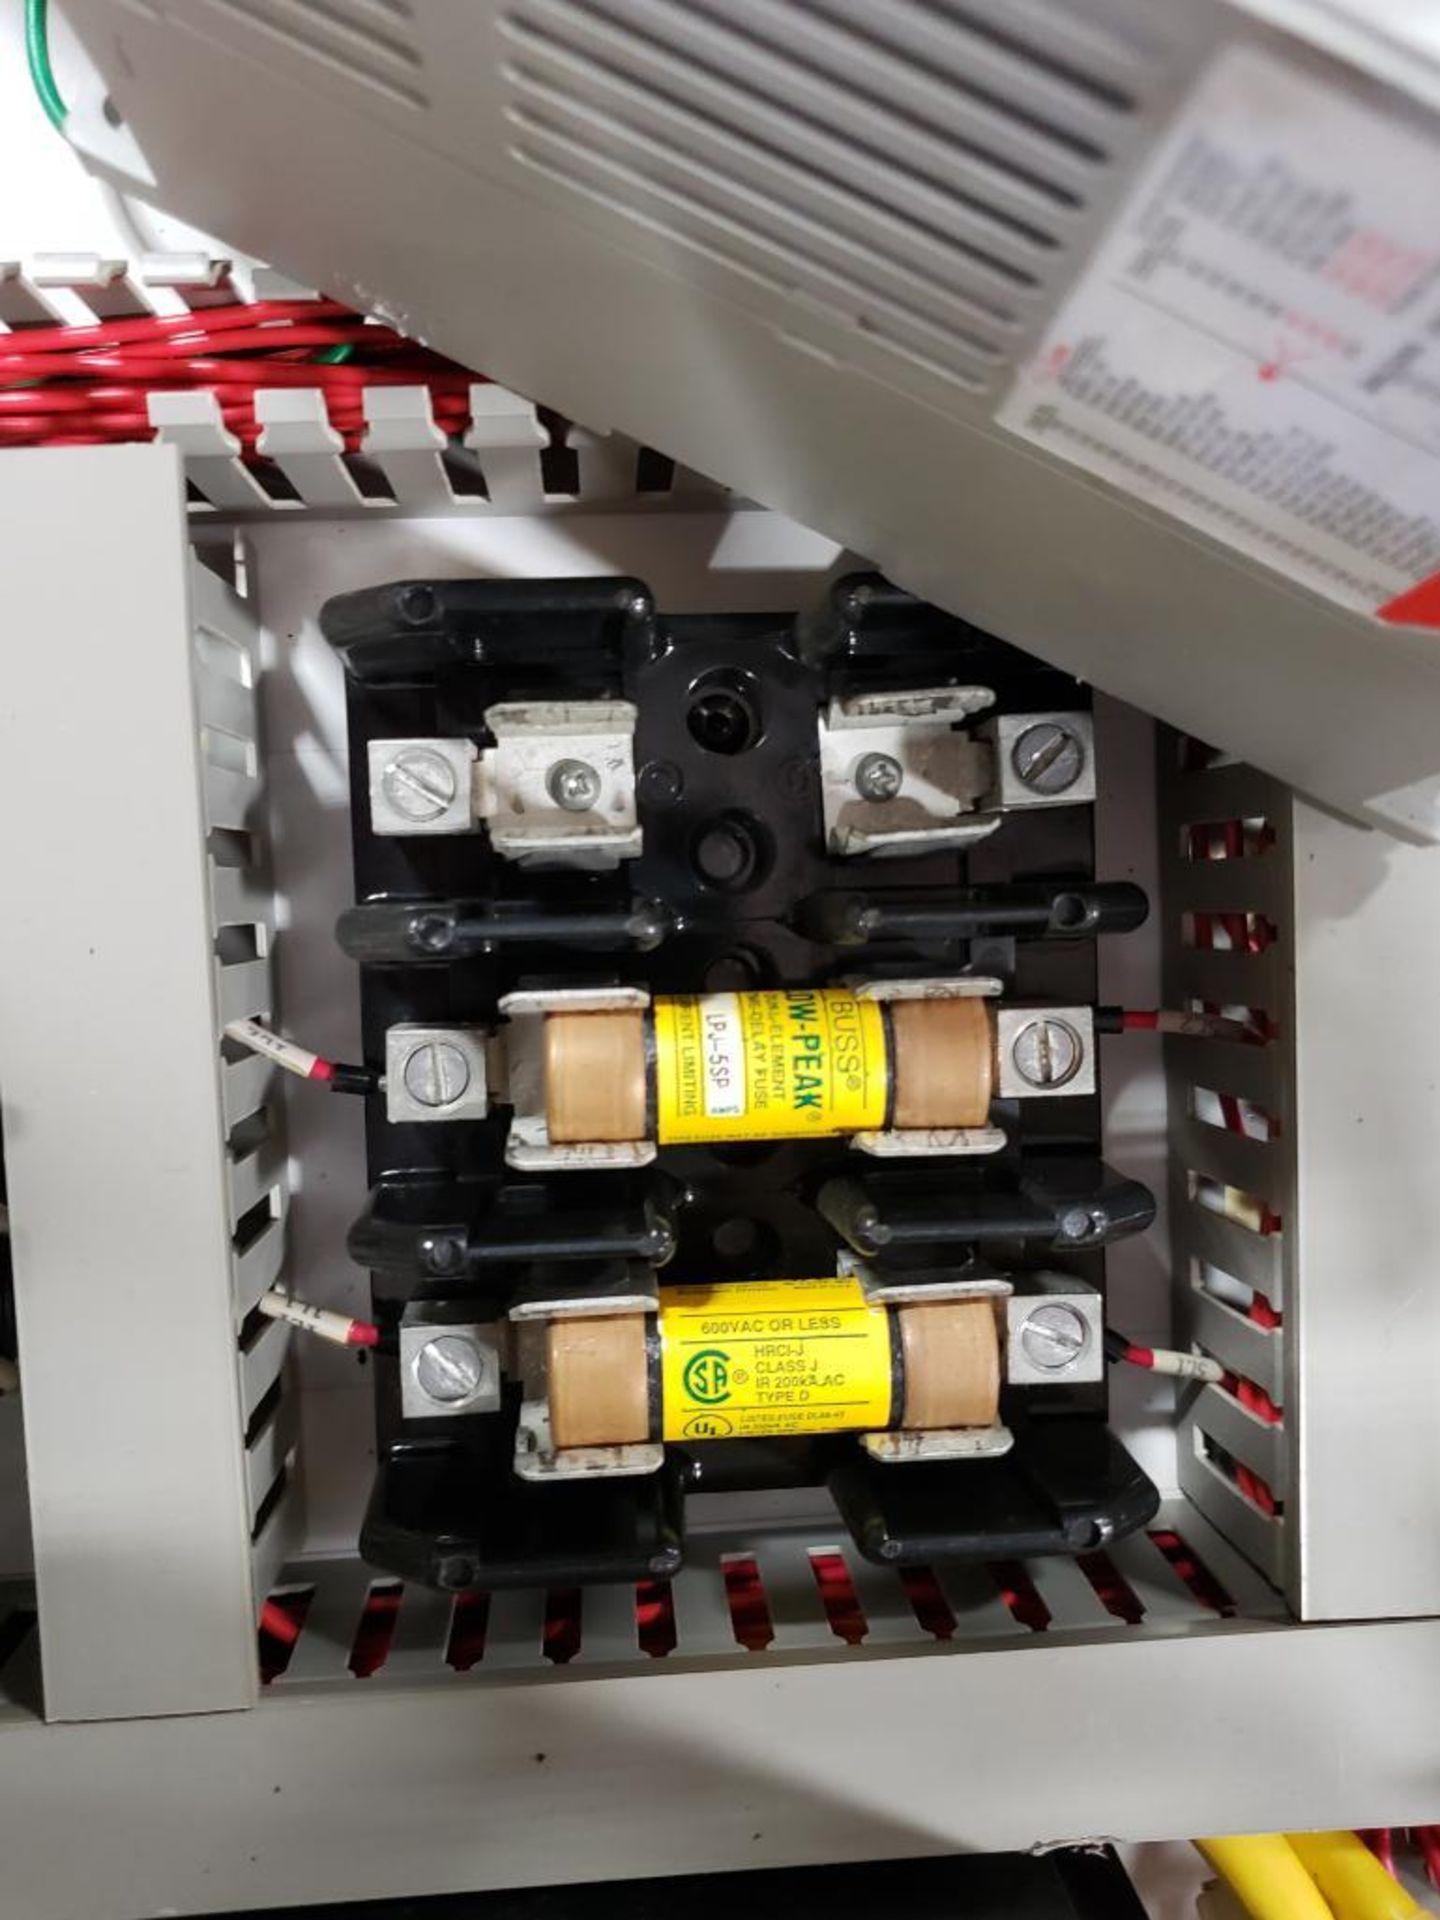 Chiller control cabinet. Hoffman enclosure, Cutler Hammer AF93AG0B007D drive, Allen Bradley drive. - Image 25 of 35